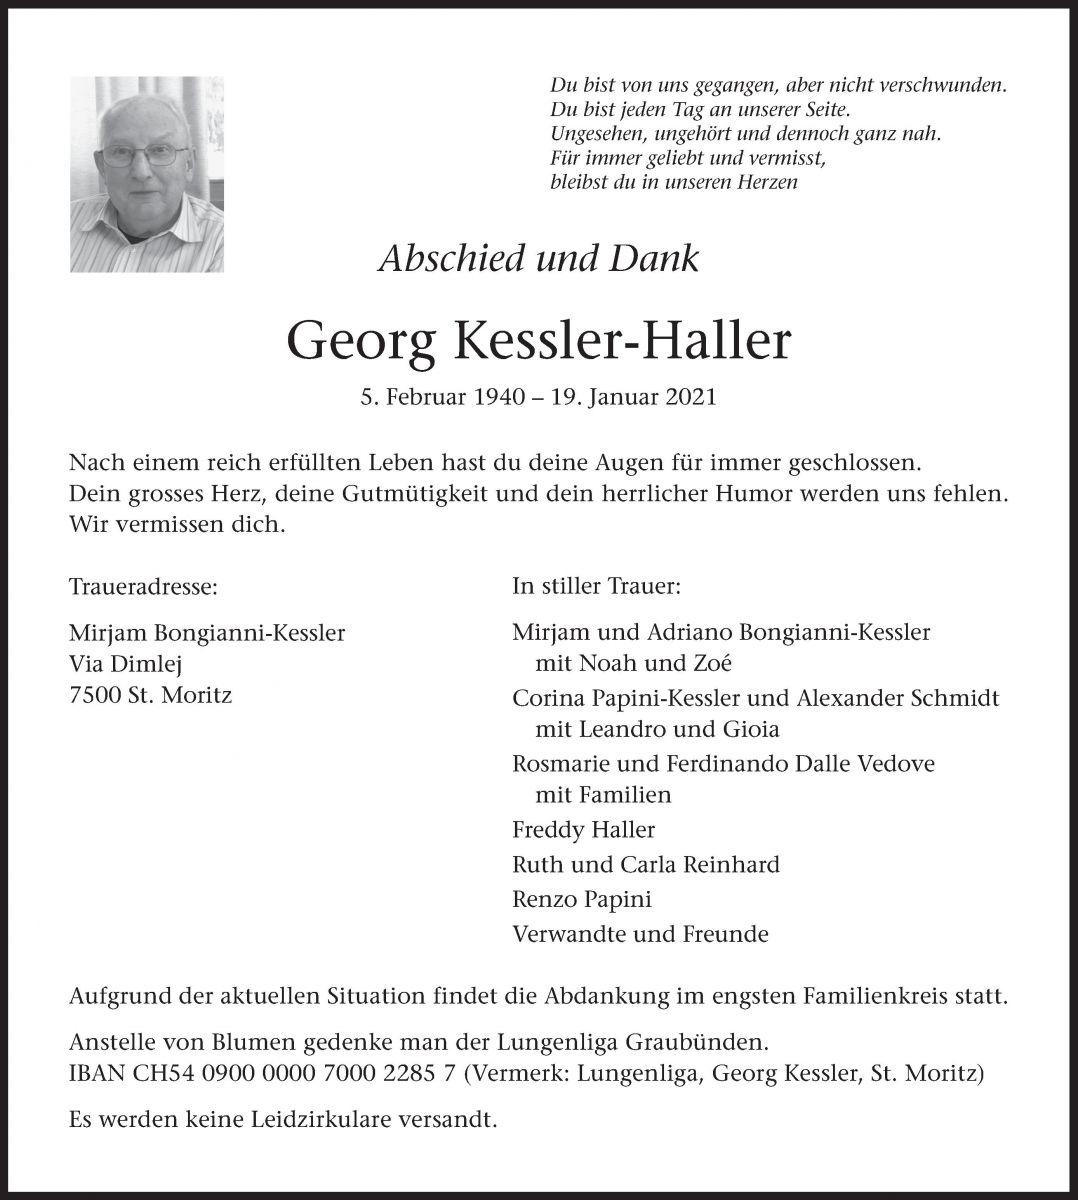 Georg Kessler-Haller